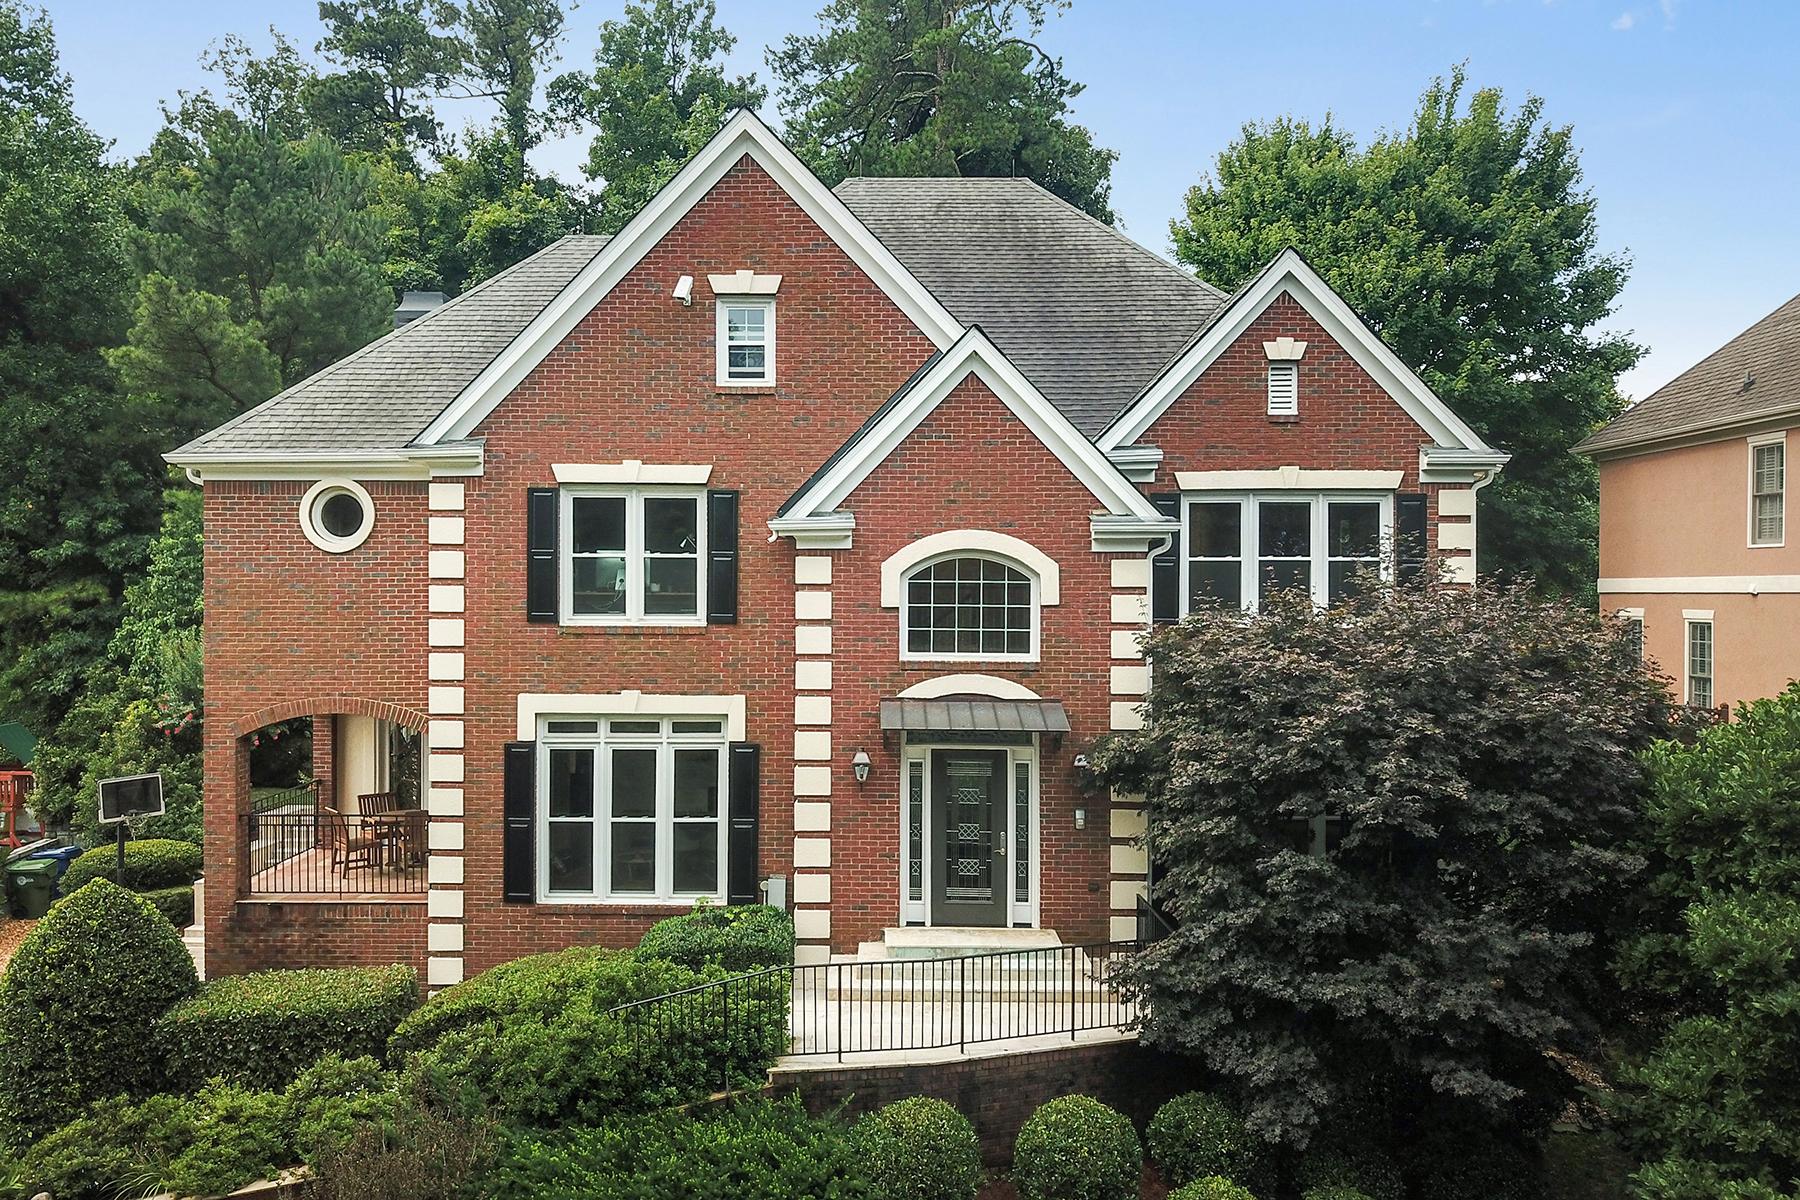 Частный односемейный дом для того Продажа на Luxurious Gated Buckhead Home 6 Wieuca Trace NE Atlanta, Джорджия 30342 Соединенные Штаты